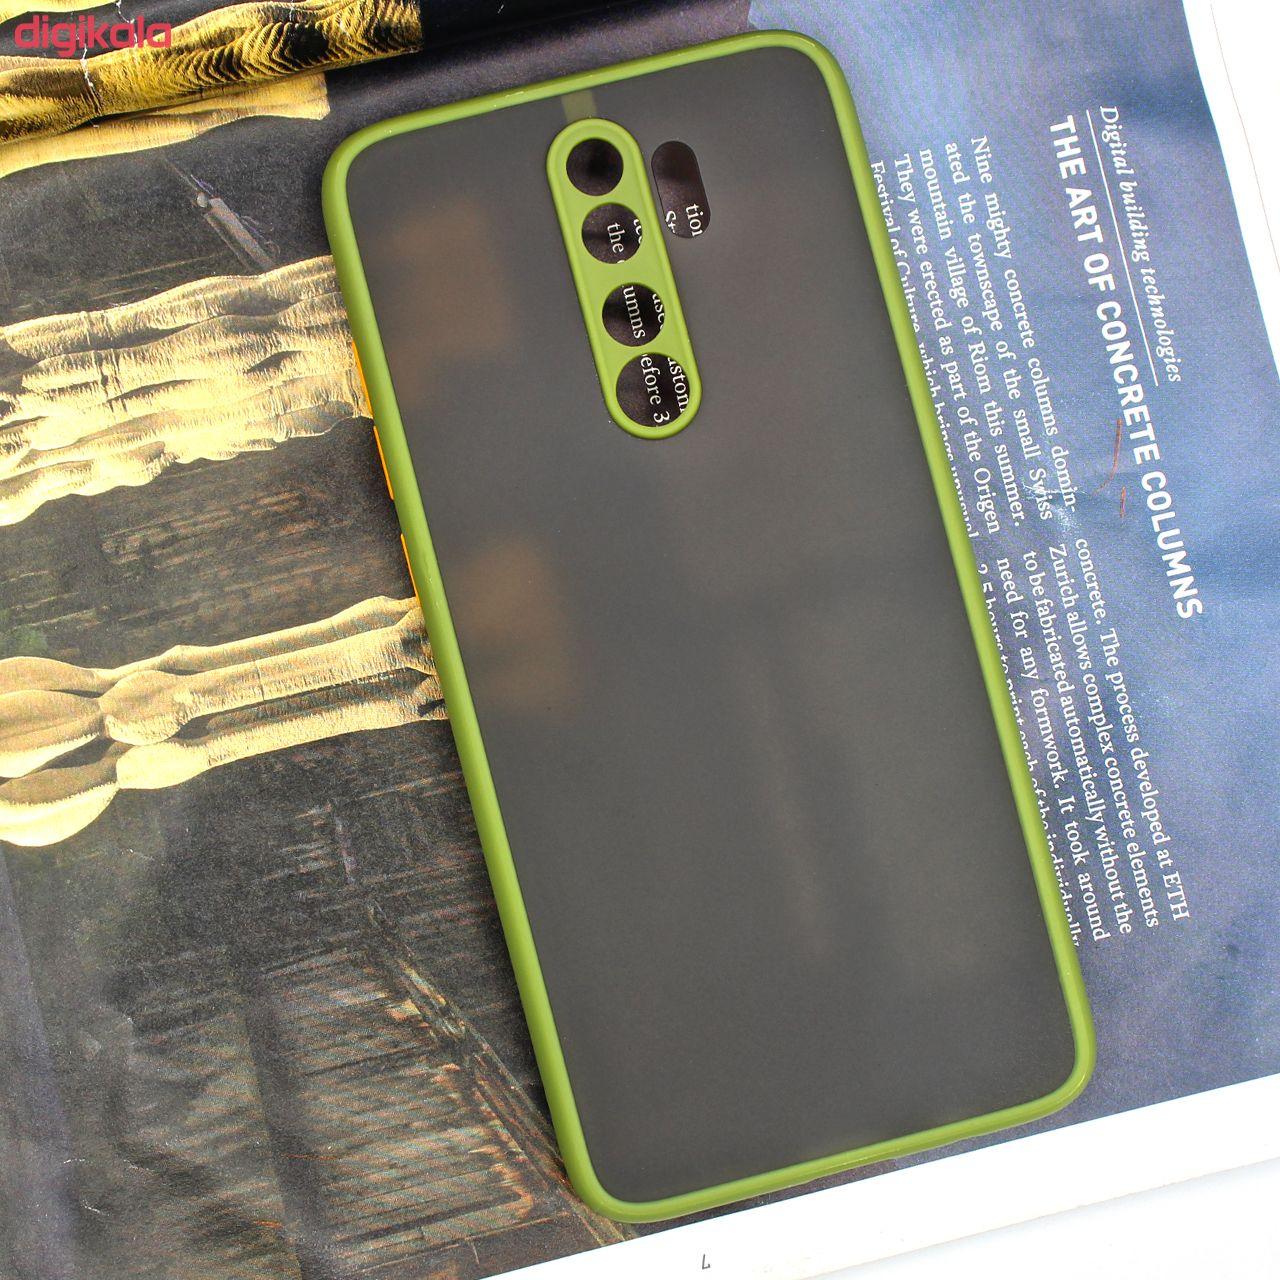 کاور کینگ پاور مدل M22 مناسب برای گوشی موبایل شیائومی Redmi Note 8 Pro main 1 15